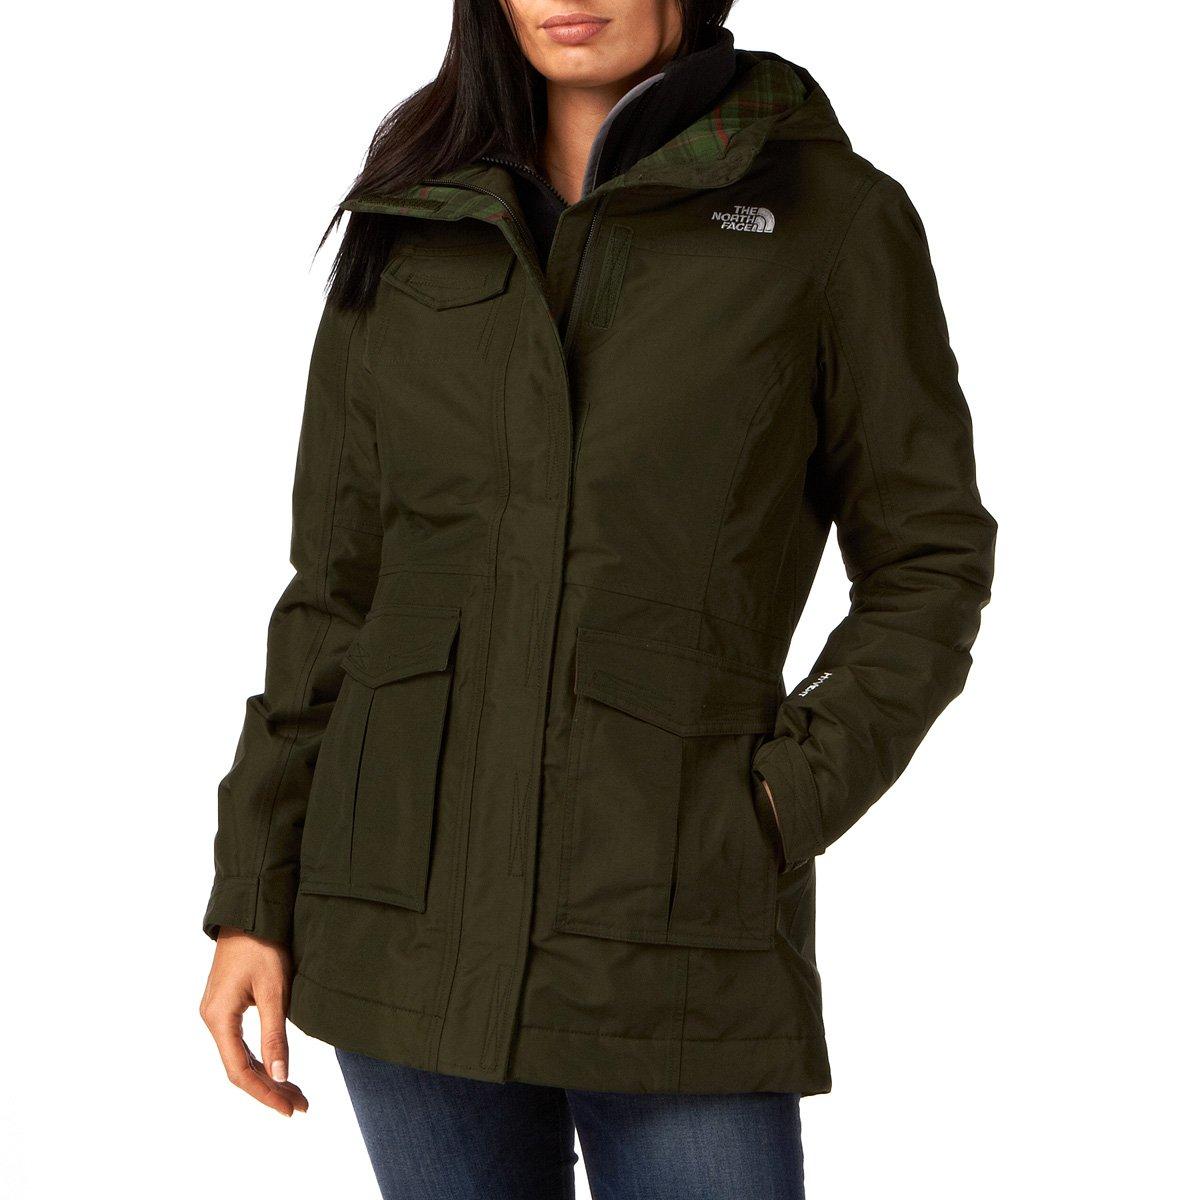 The North Face – Women Winter Solstice Jacket jetzt kaufen